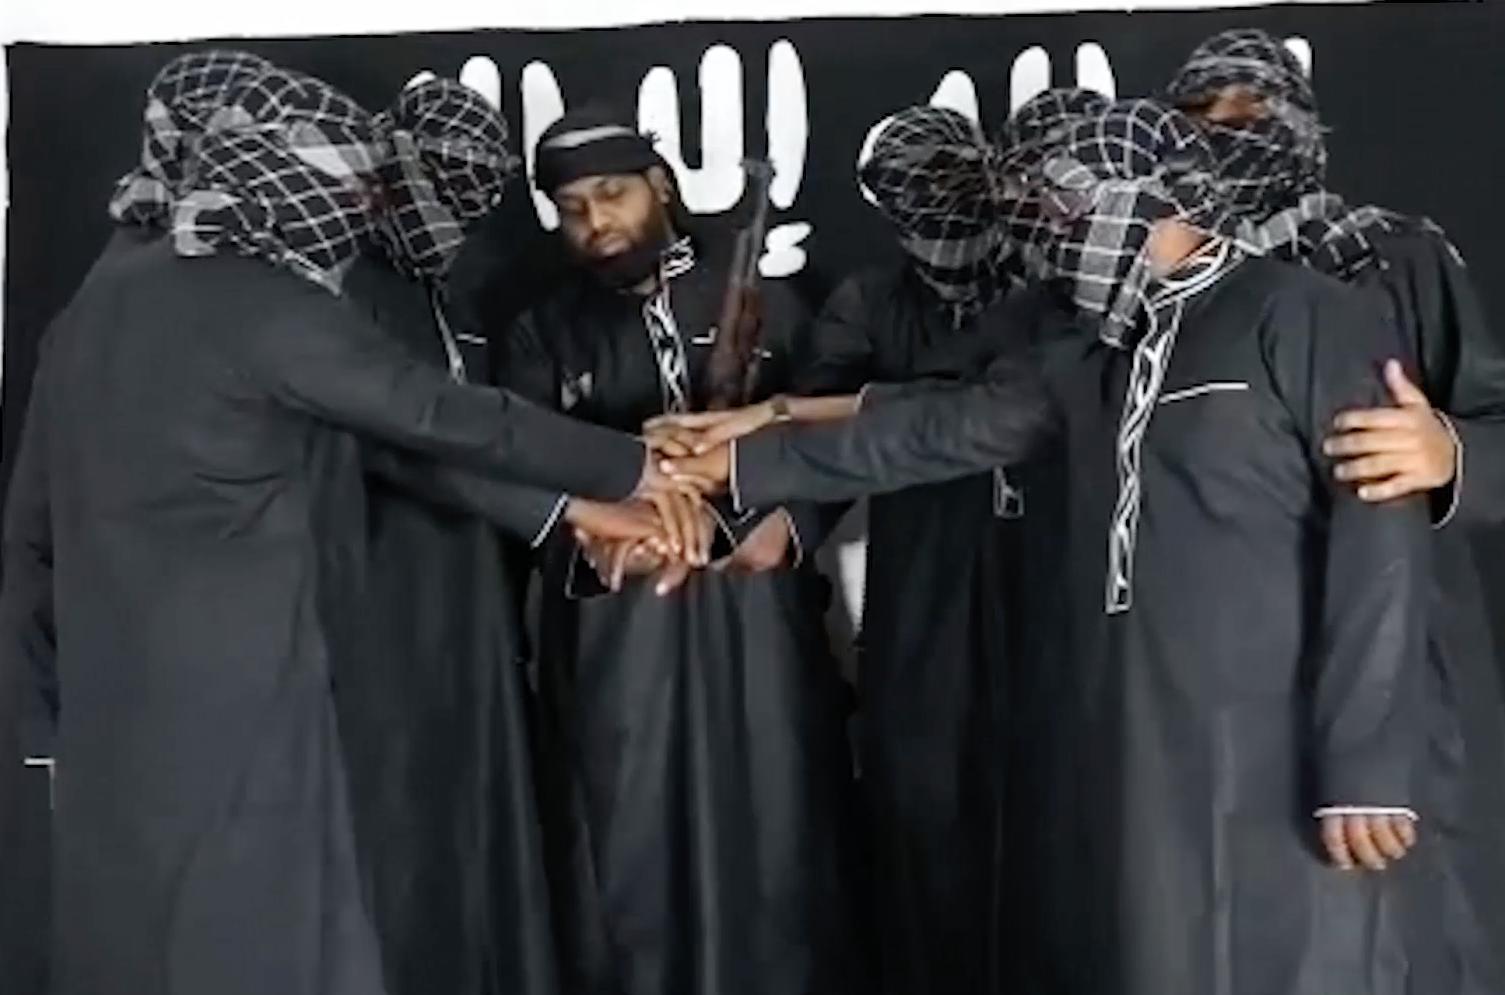 Ο Μοχάμεντ Ζαχράντ Χασίμ και μασκοφόροι τζιχαντιστές ορκίζονται αφοσίωση στον ηγέτη του ISIS